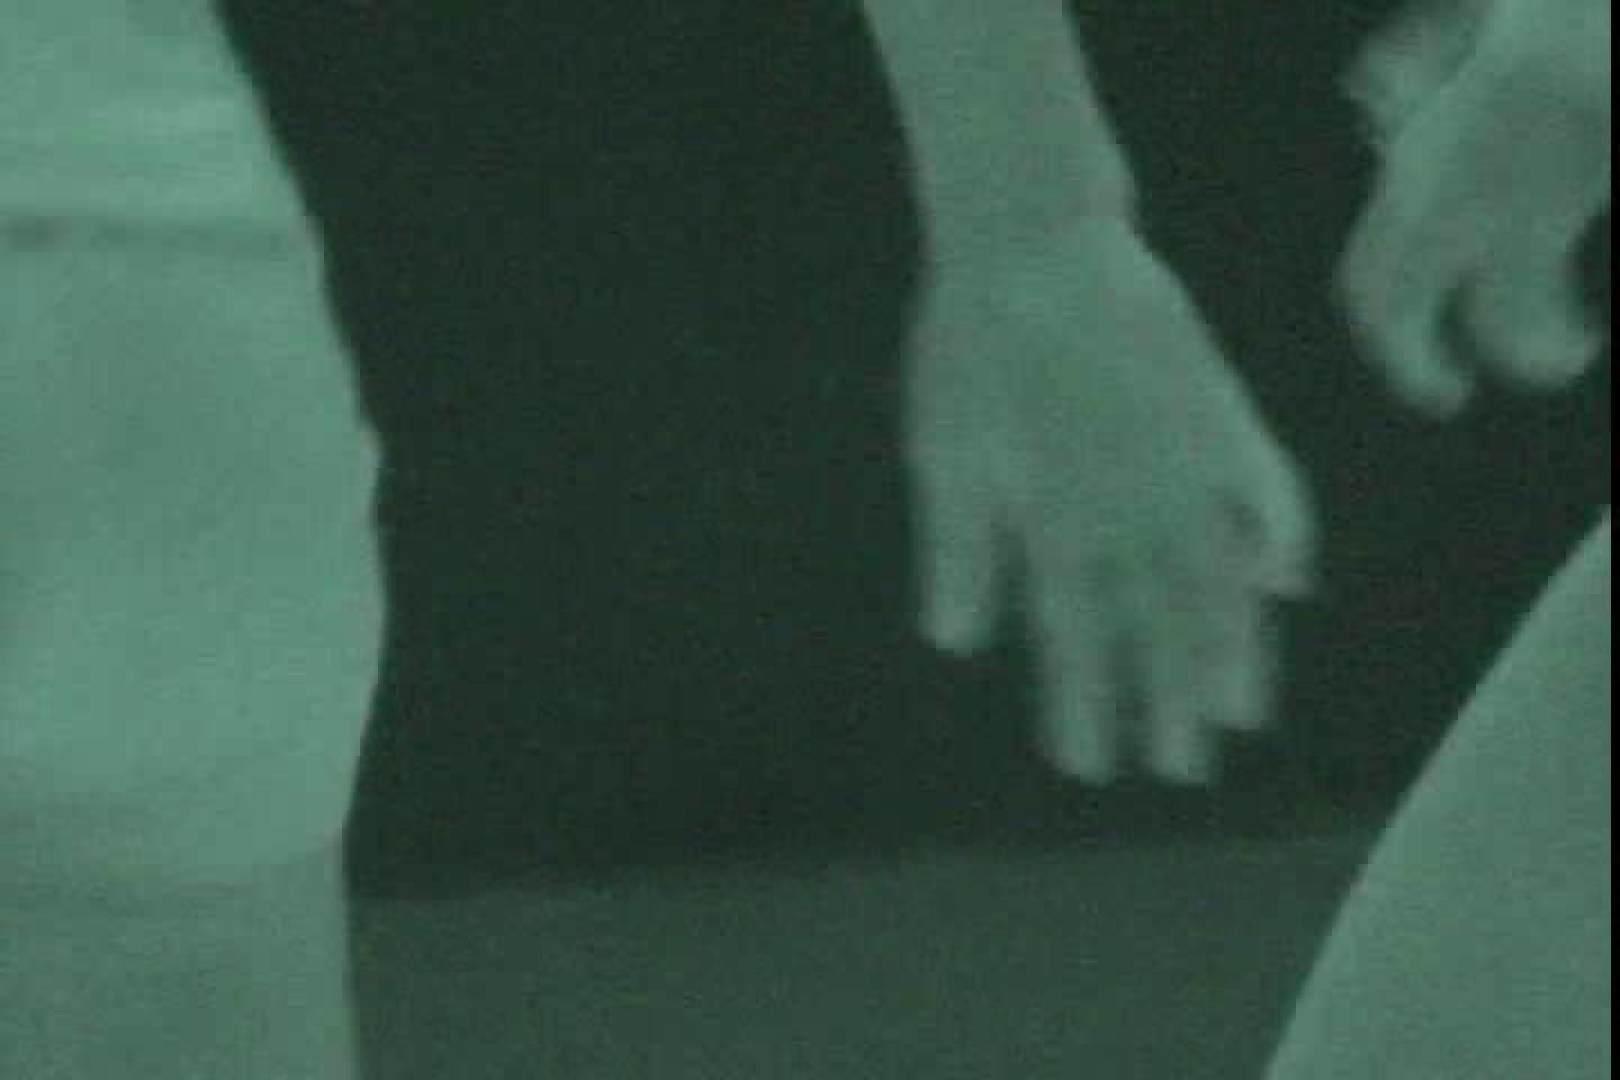 赤外線ムレスケバレー(汗) vol.02 アスリート | 美しいOLの裸体  93pic 79